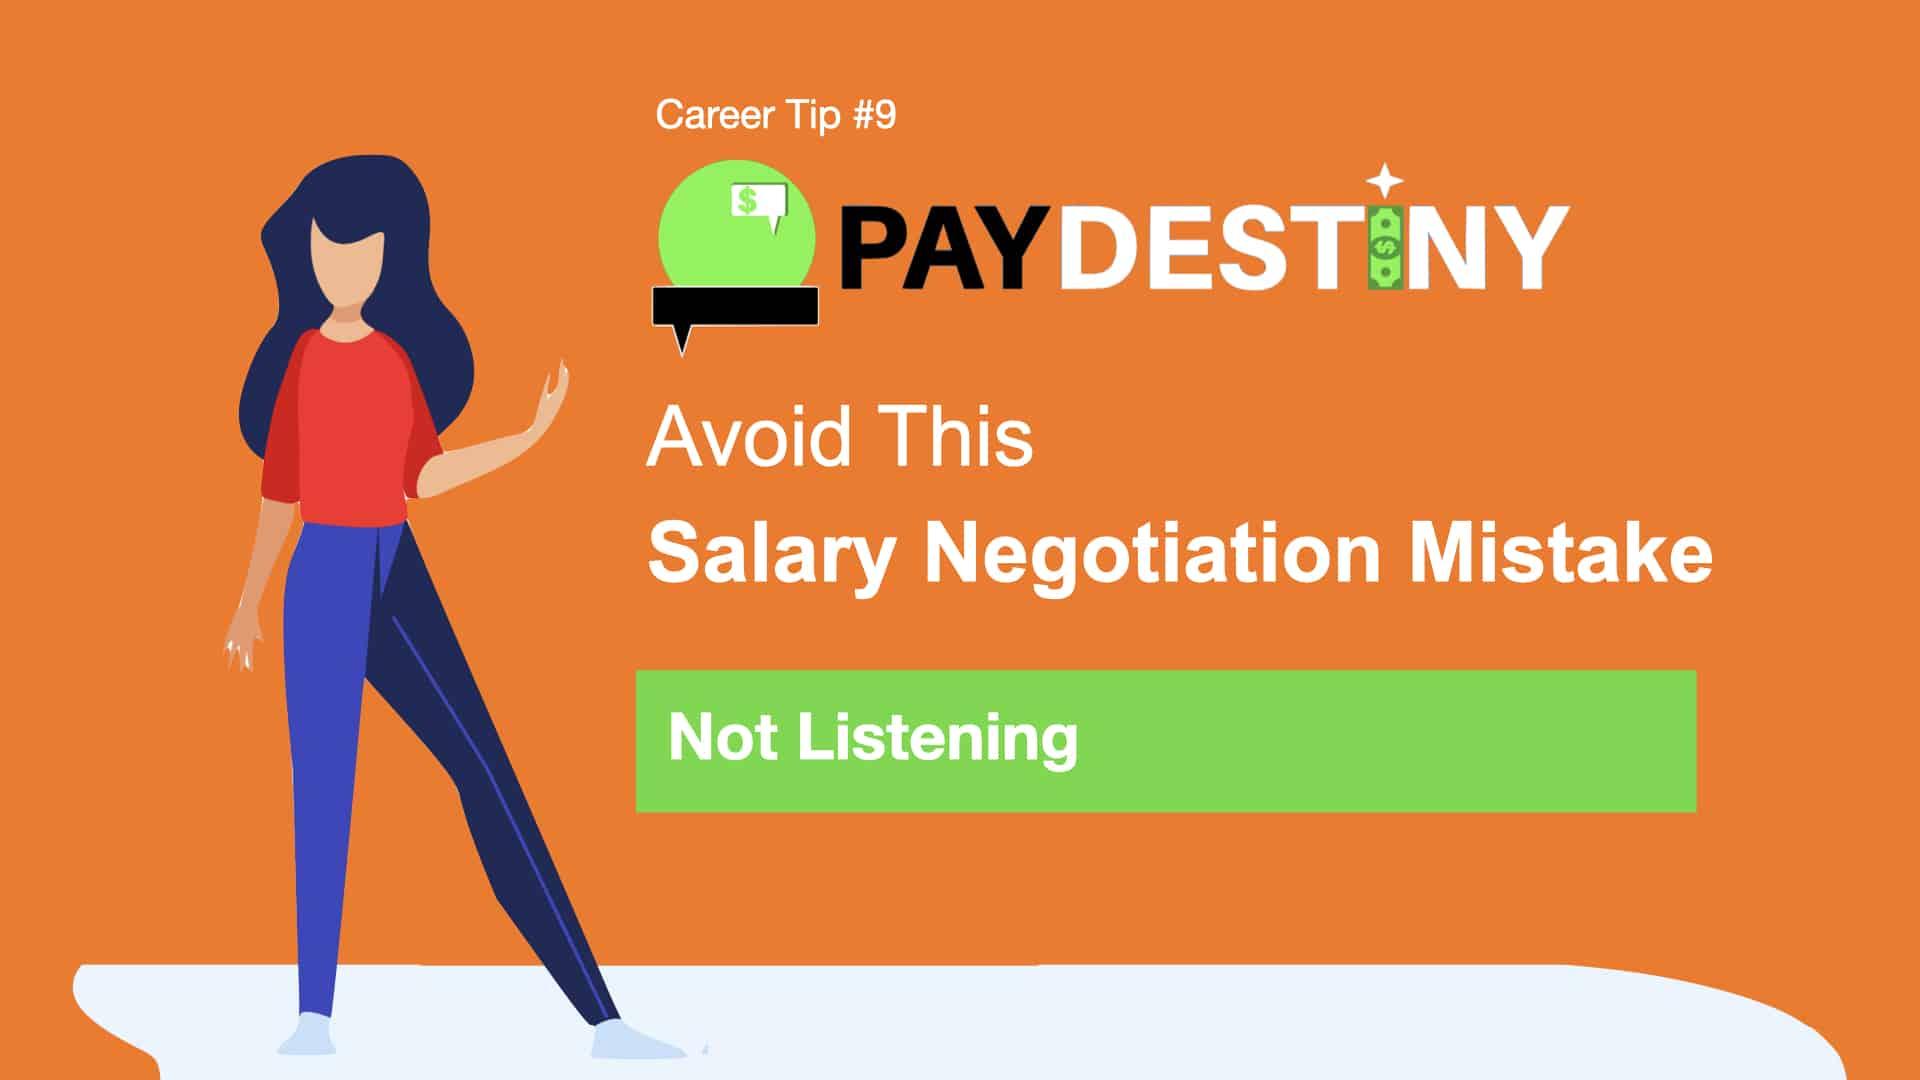 Salary Negotiation Mistake (Not listening)